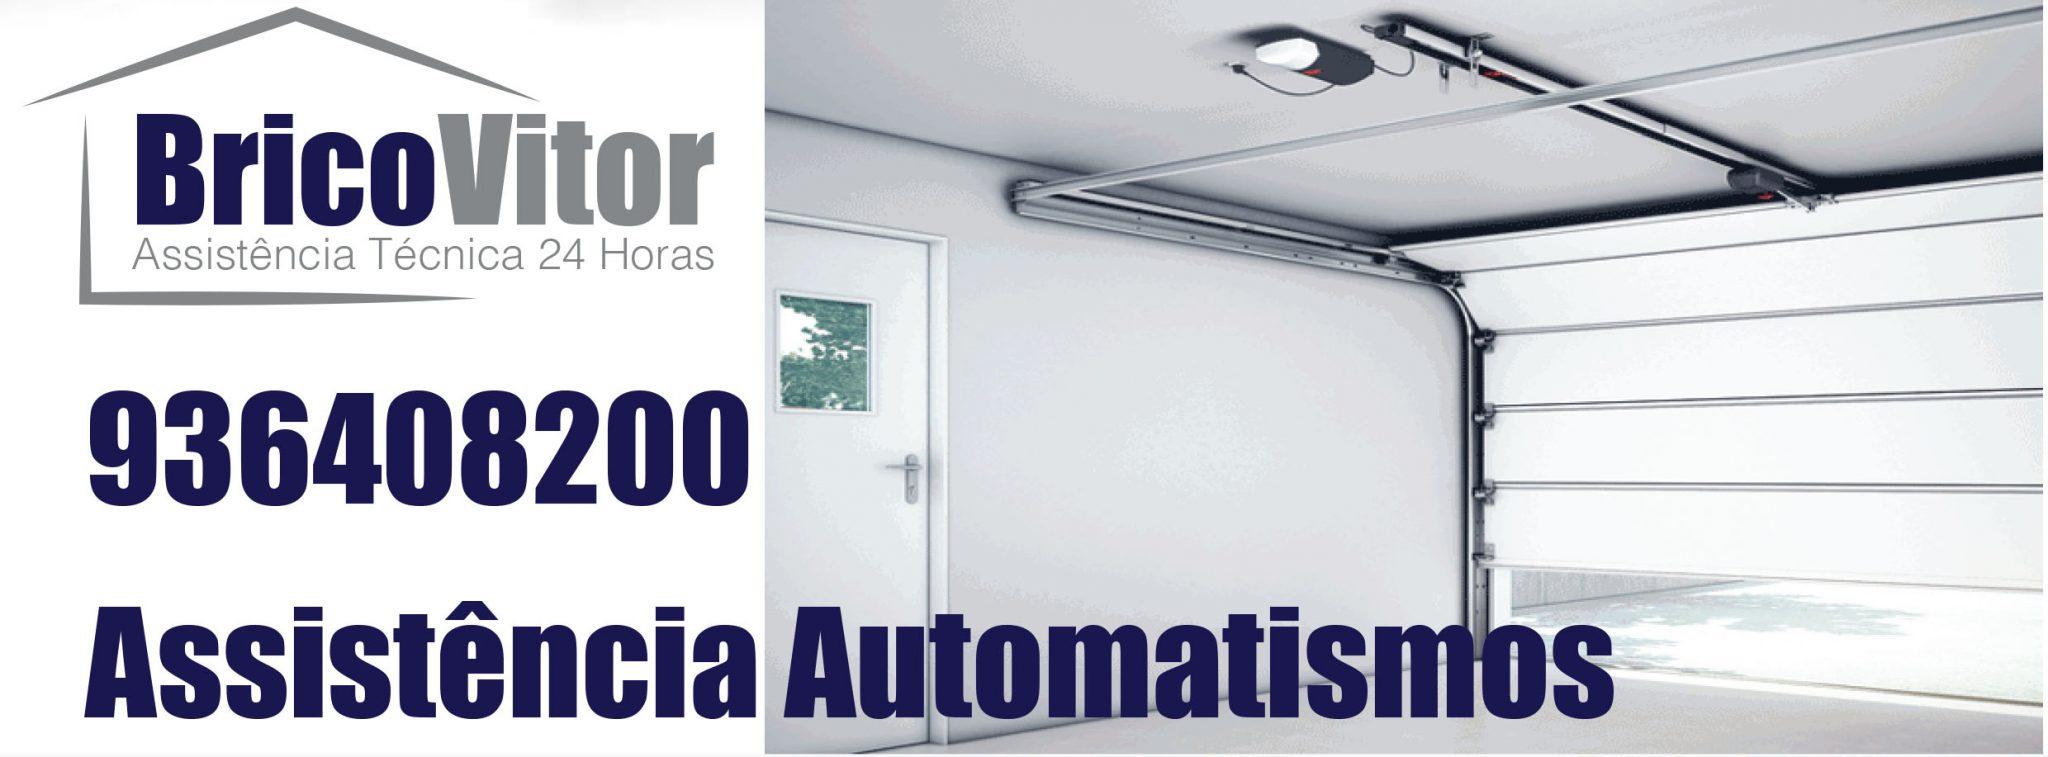 Assistência Automatismos Vila do Conde,